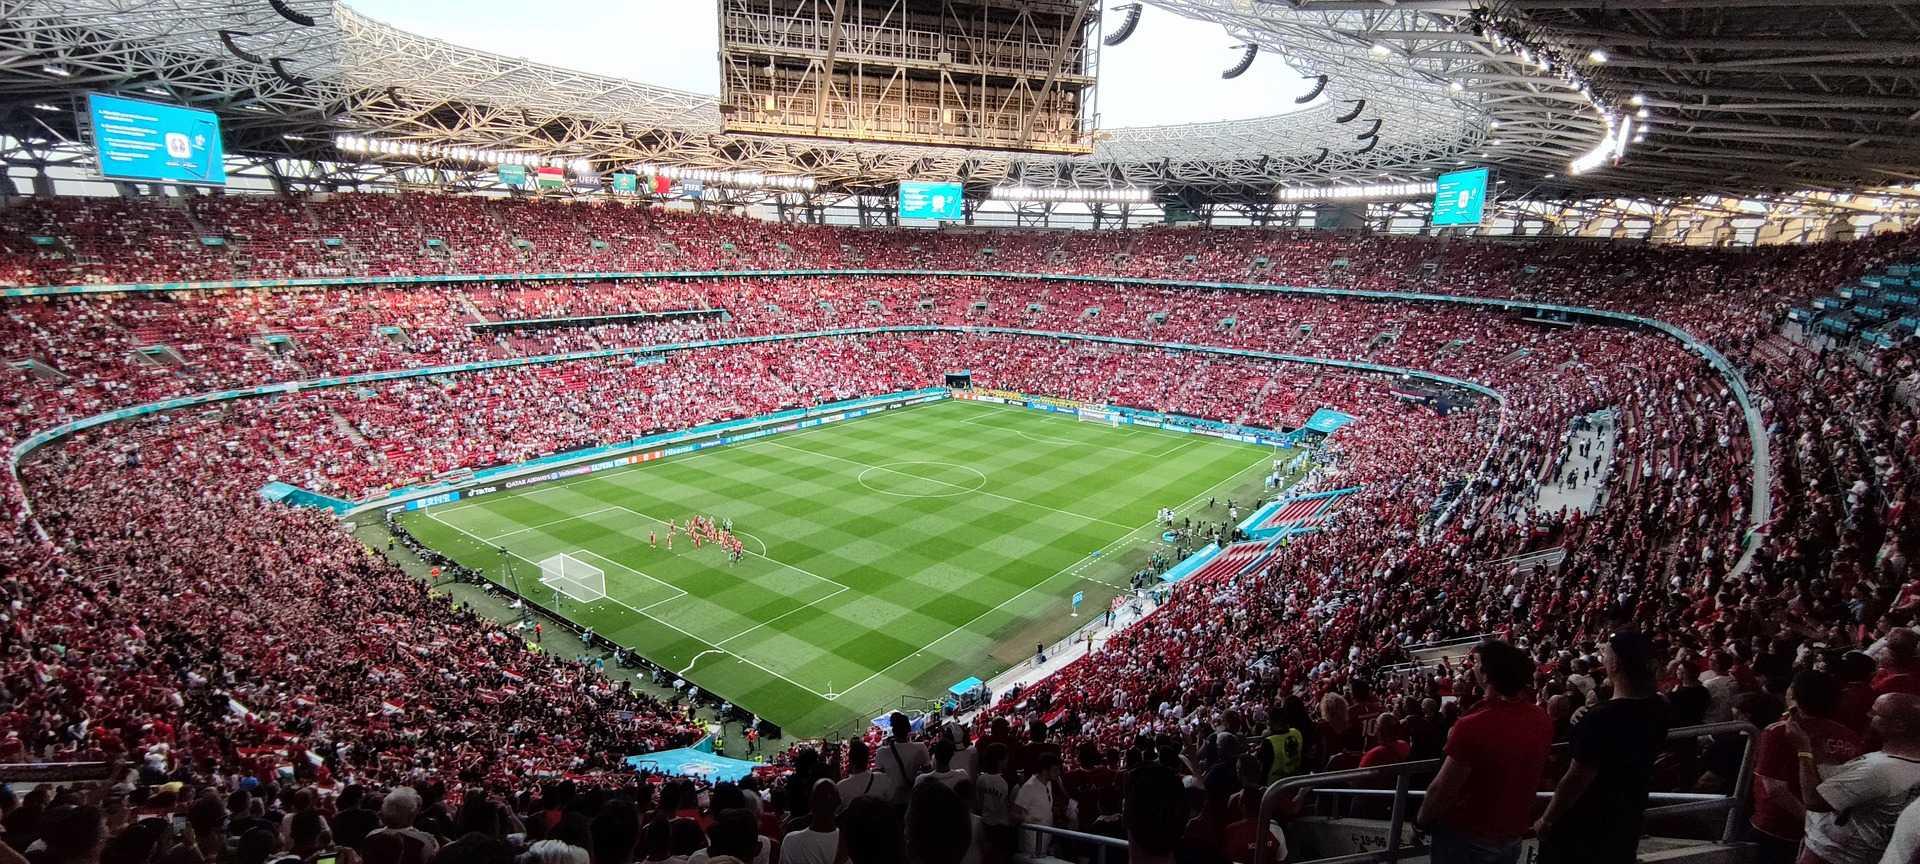 Campionato ungherese 2021/22: il calendario